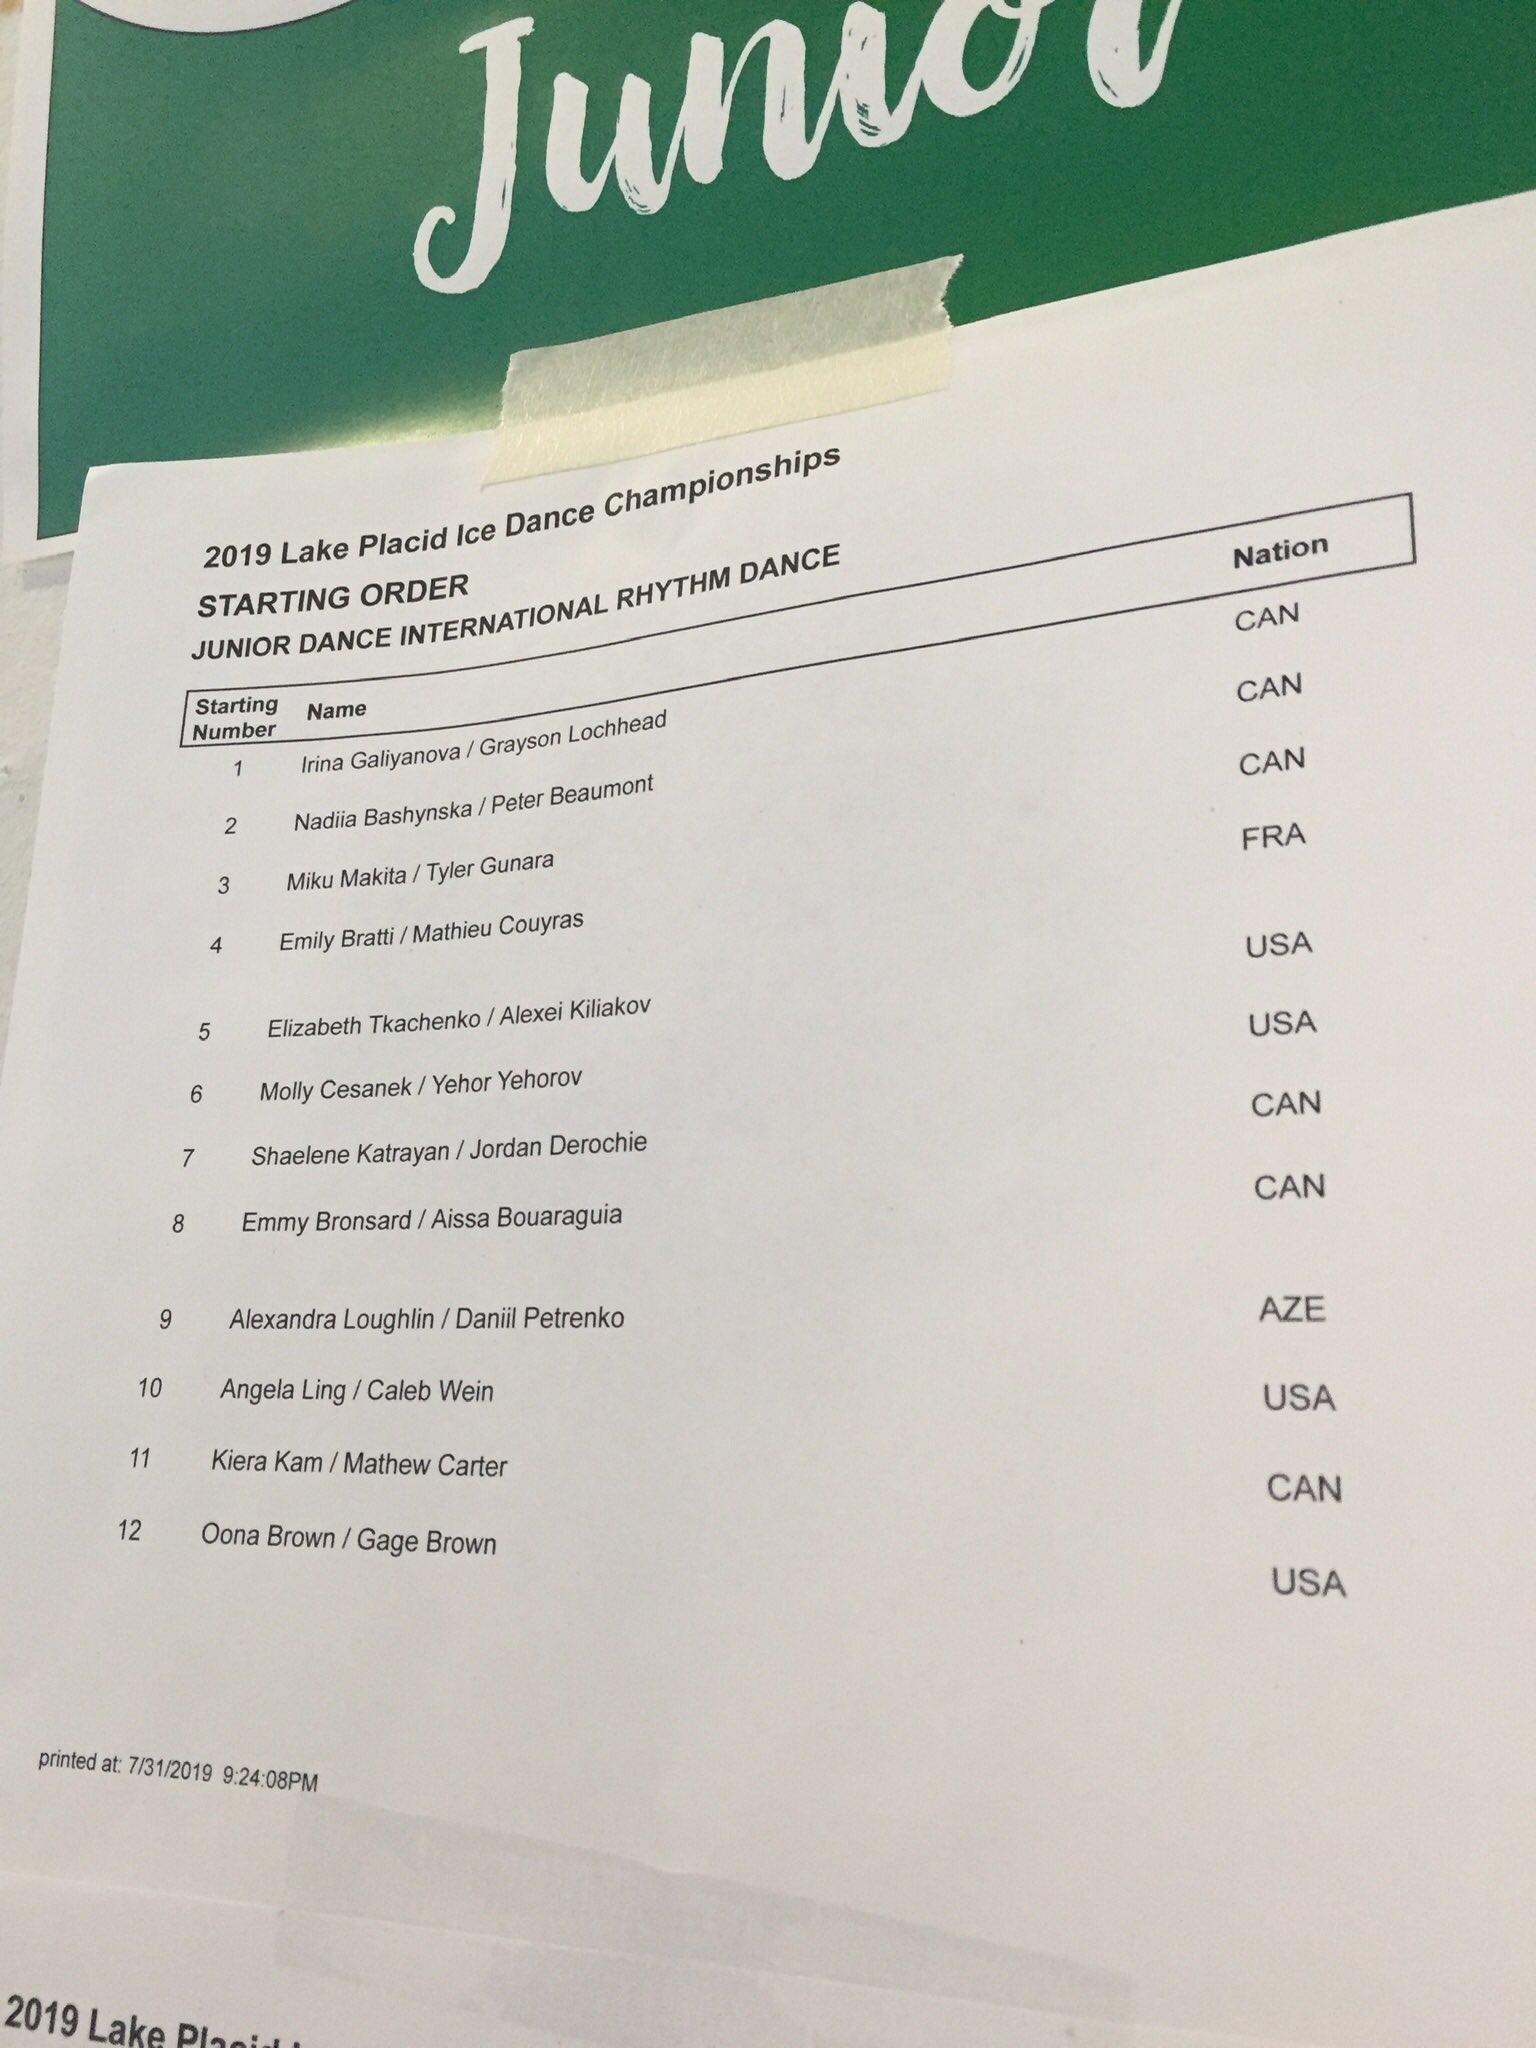 Международные соревнования сезона 2019-2020 (общая) - Страница 2 A197e09bacbcbecf1325b7ae638efe8c